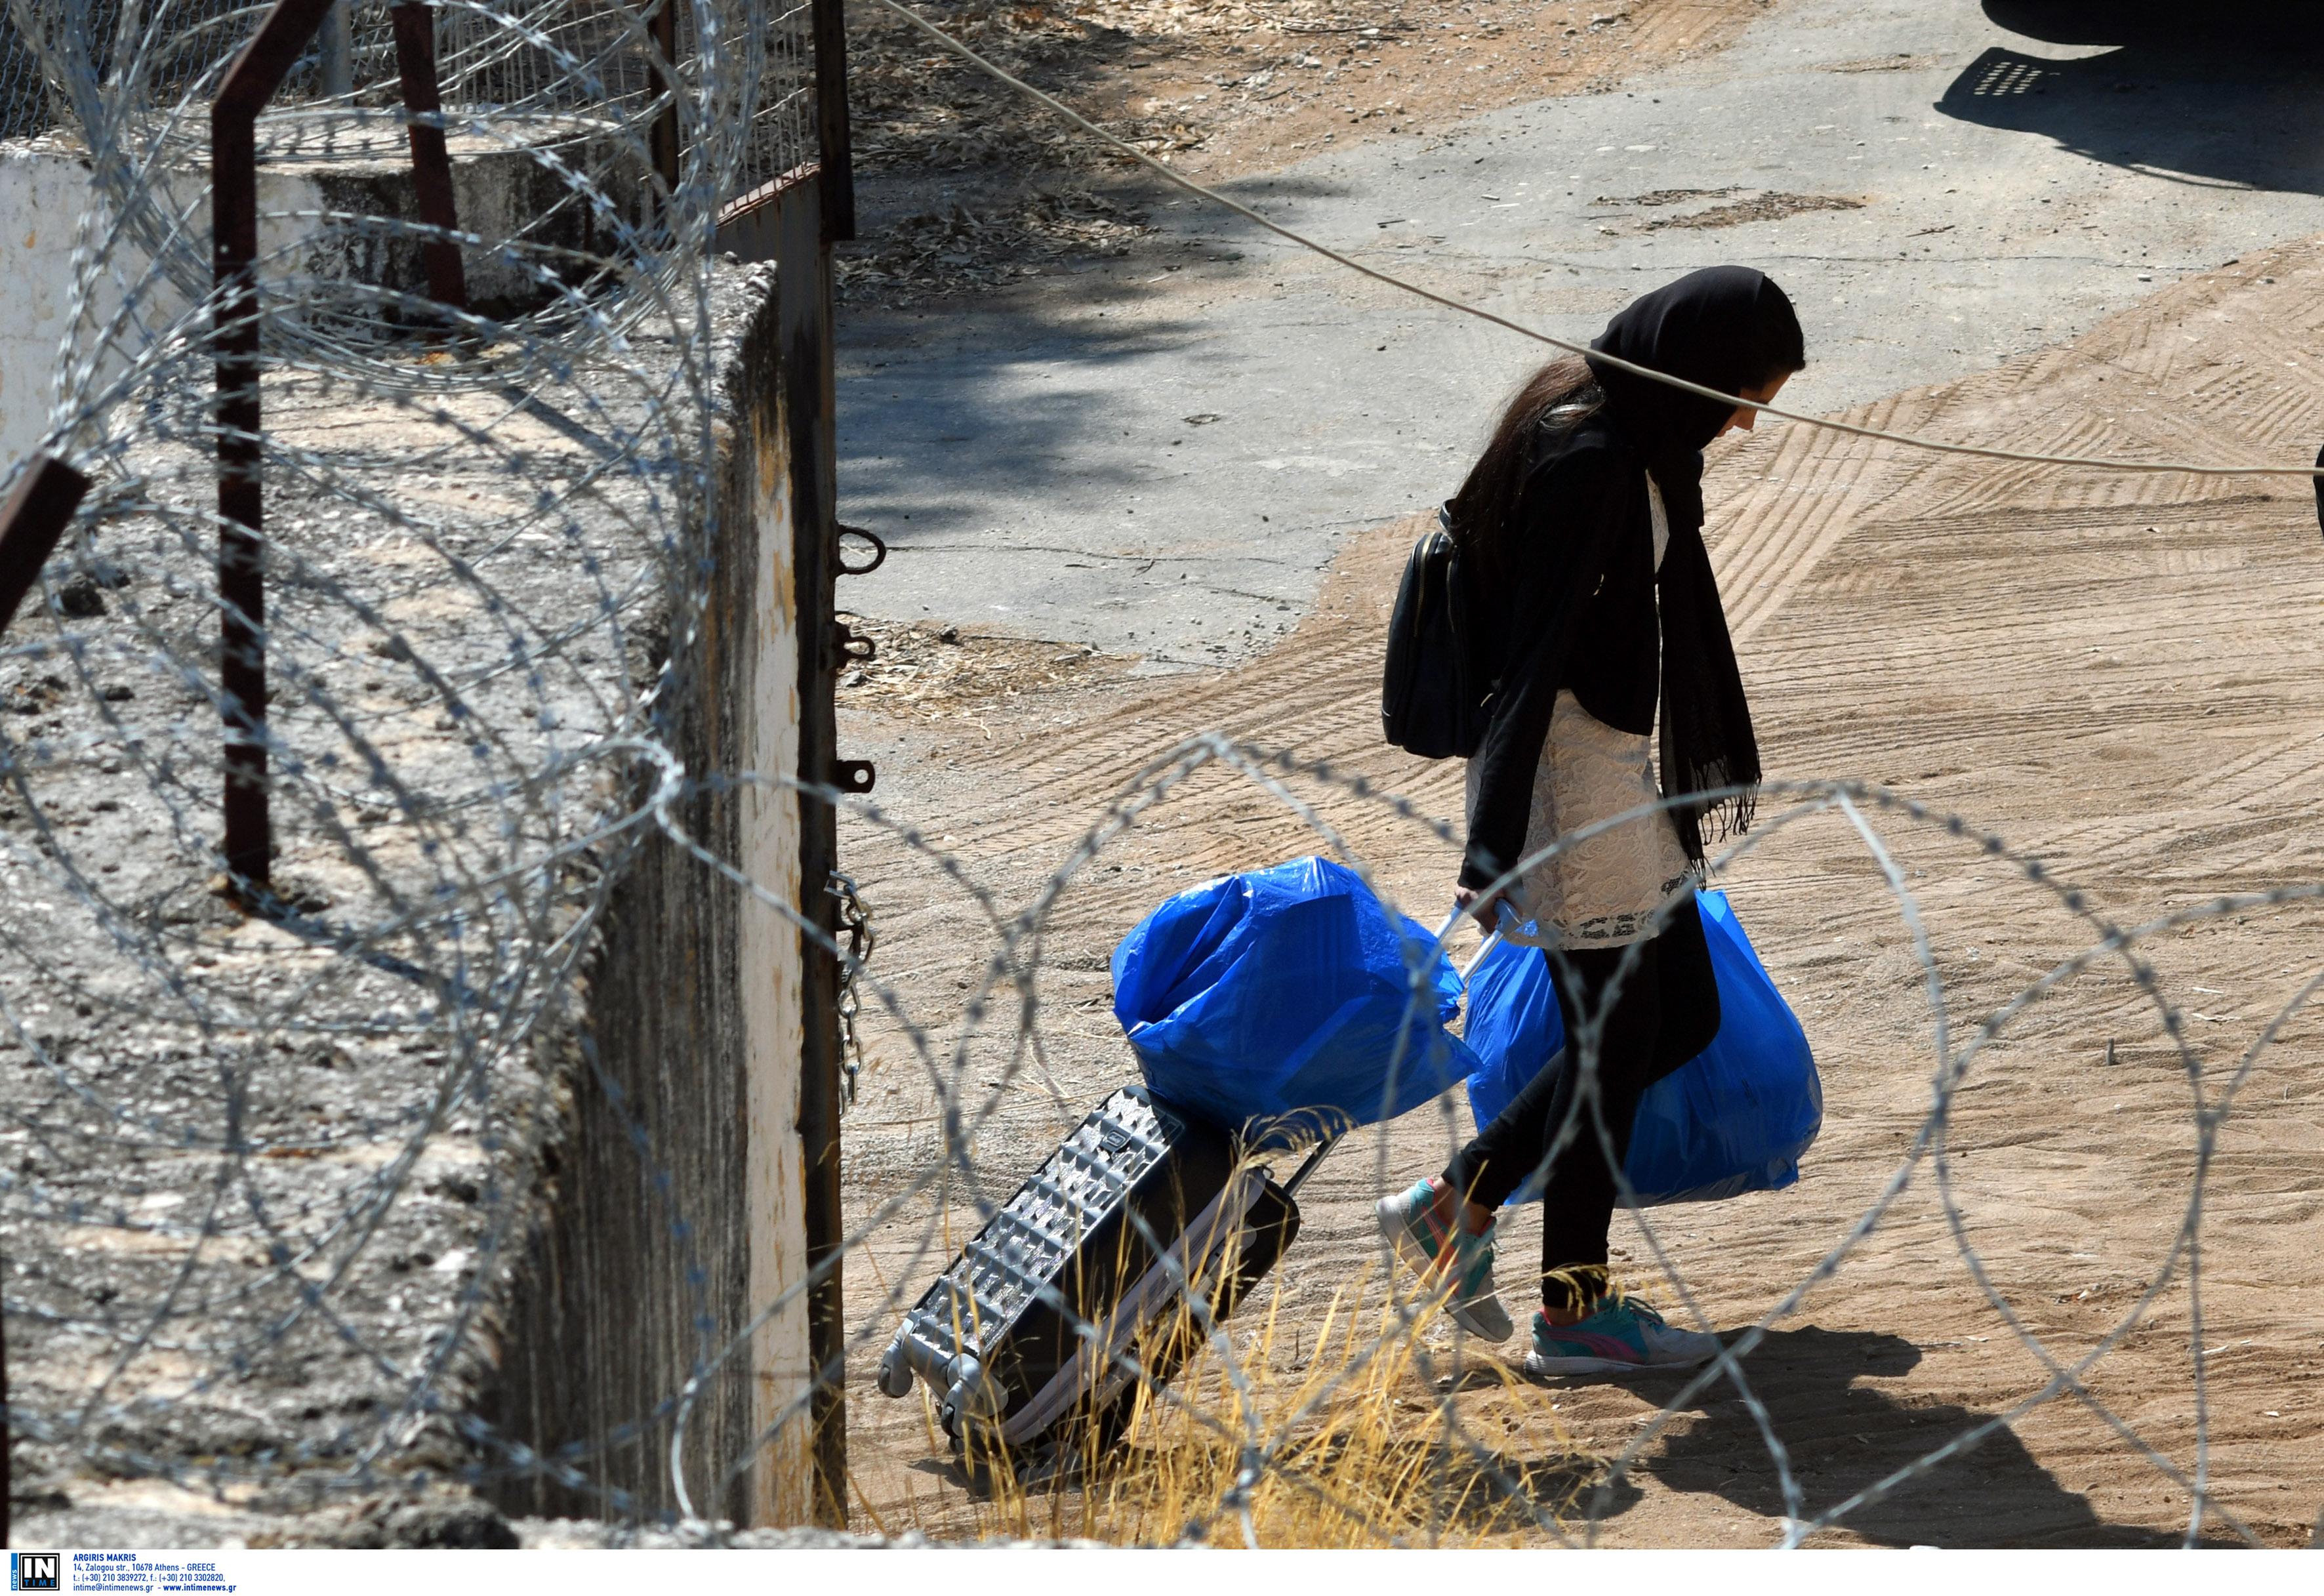 Μόρια: Τι λέει ο γενικός διευθυντής των Γιατρών Χωρίς Σύνορα για το νεκρό βρέφος